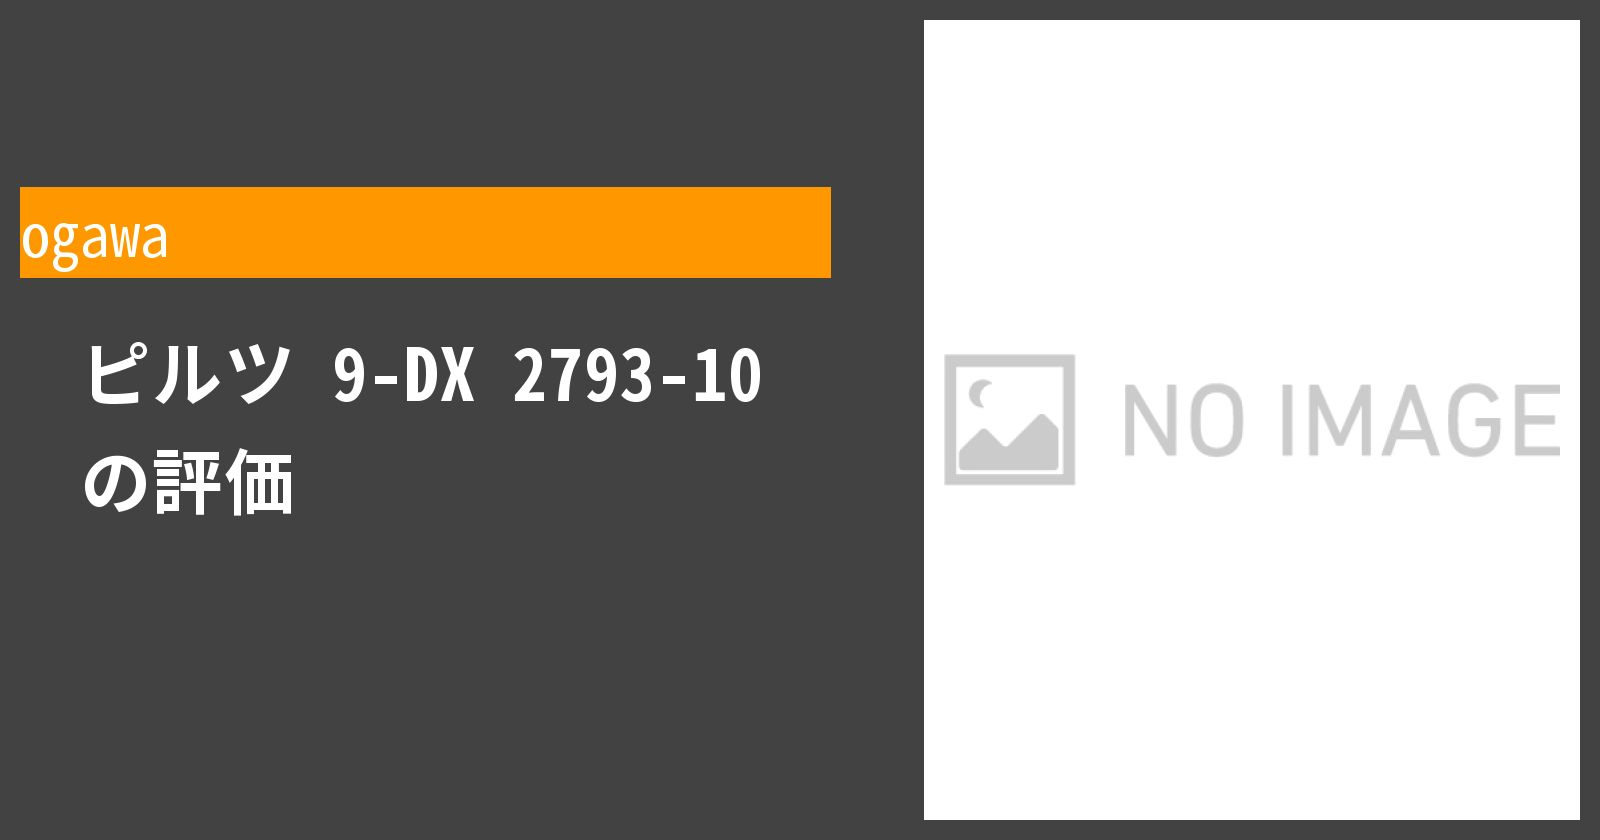 ピルツ 9-DX 2793-10を徹底評価